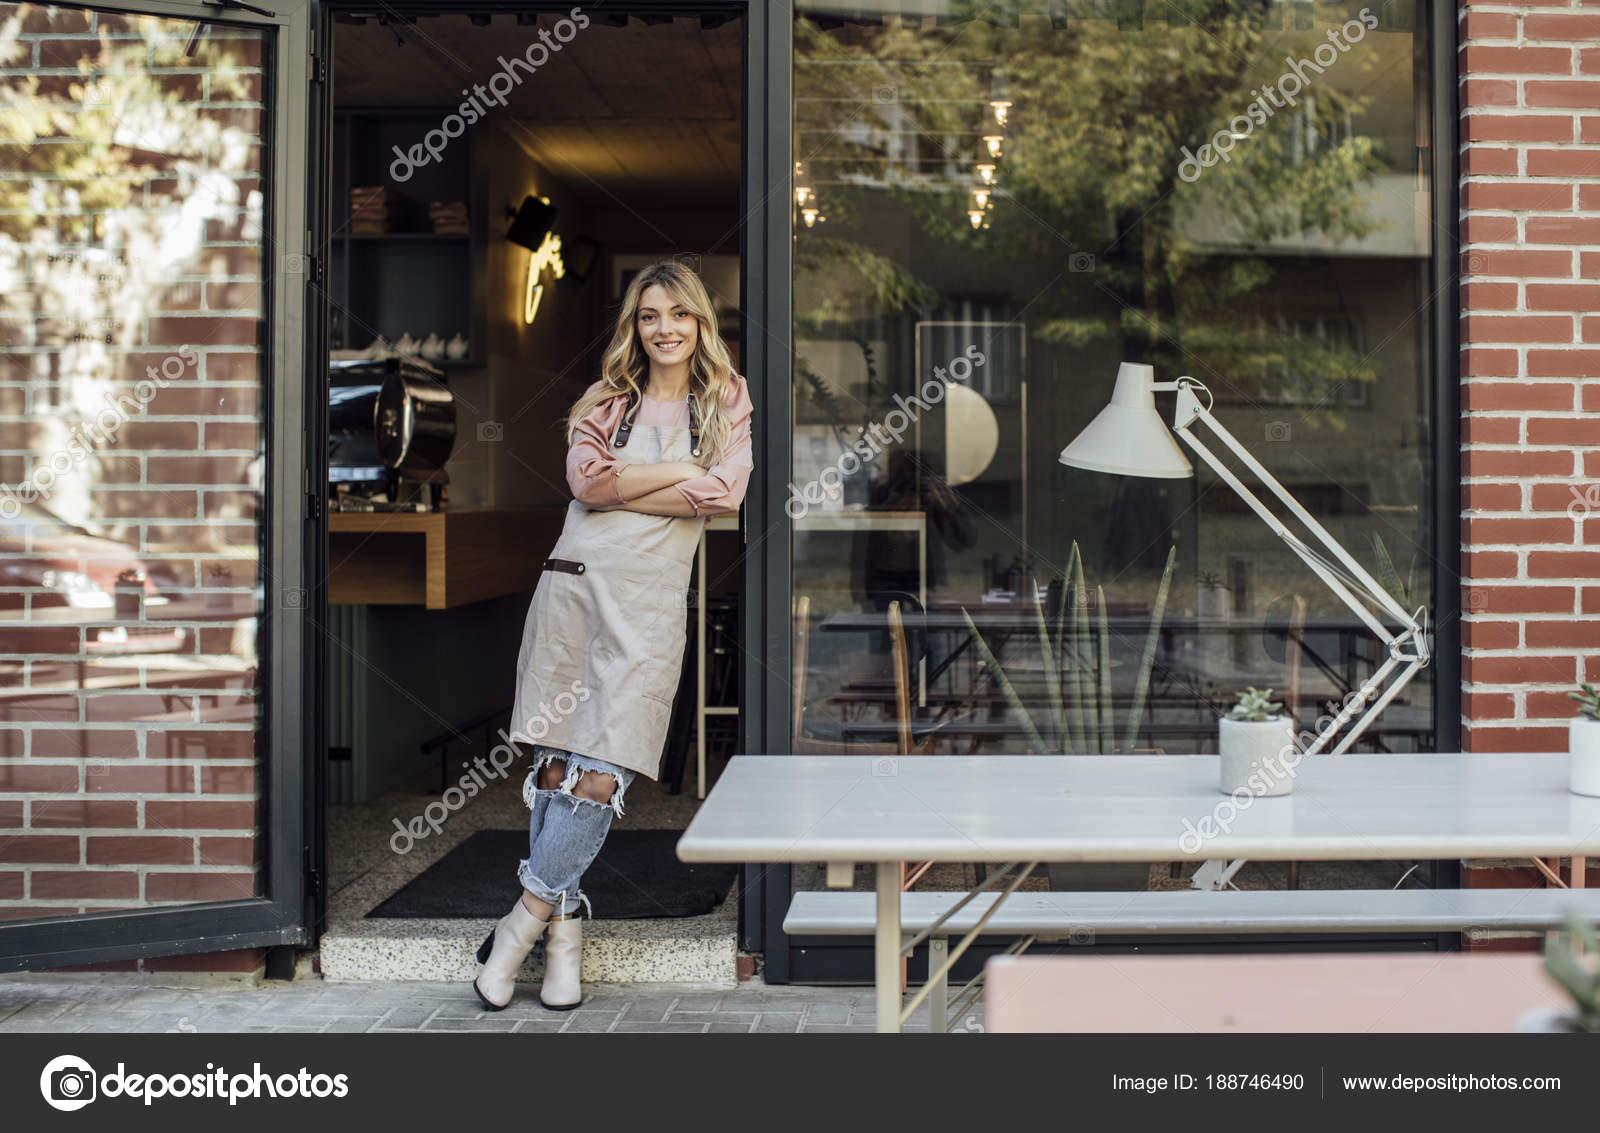 portrait de la belle blonde caucasienne femme serveuse tablier et debout devant son cafe restaurant image de luminastock